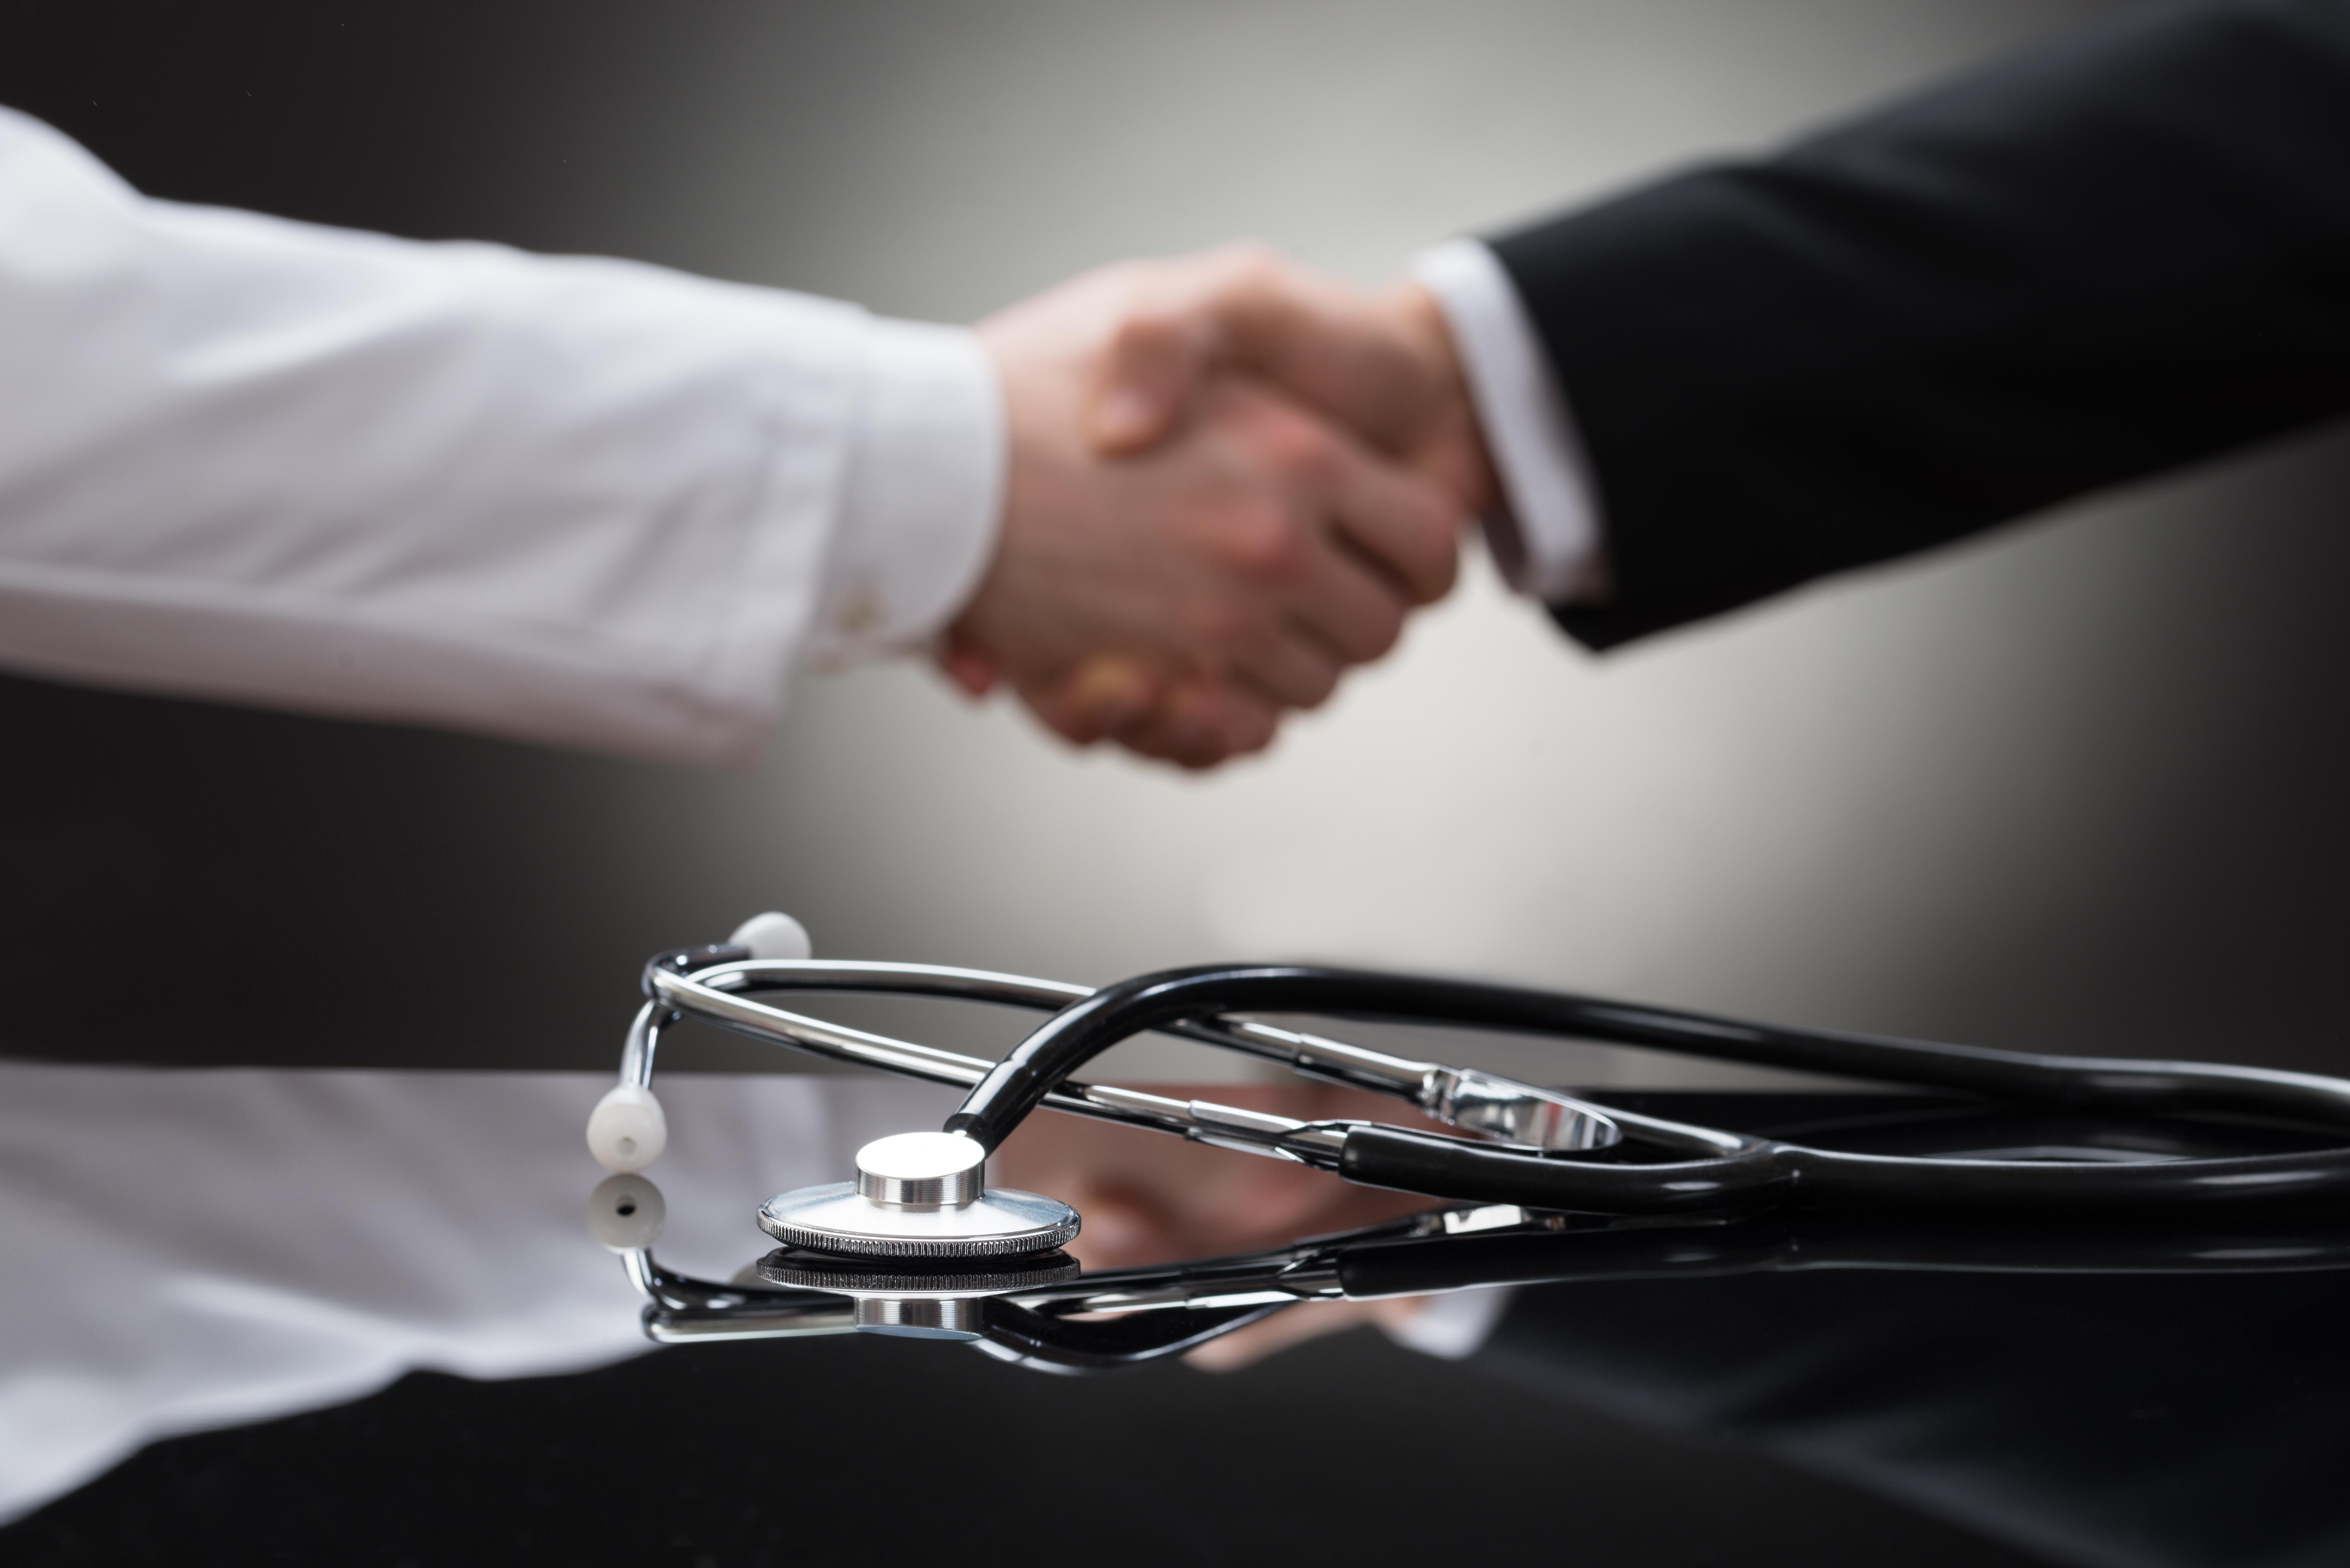 Onsite medical sales